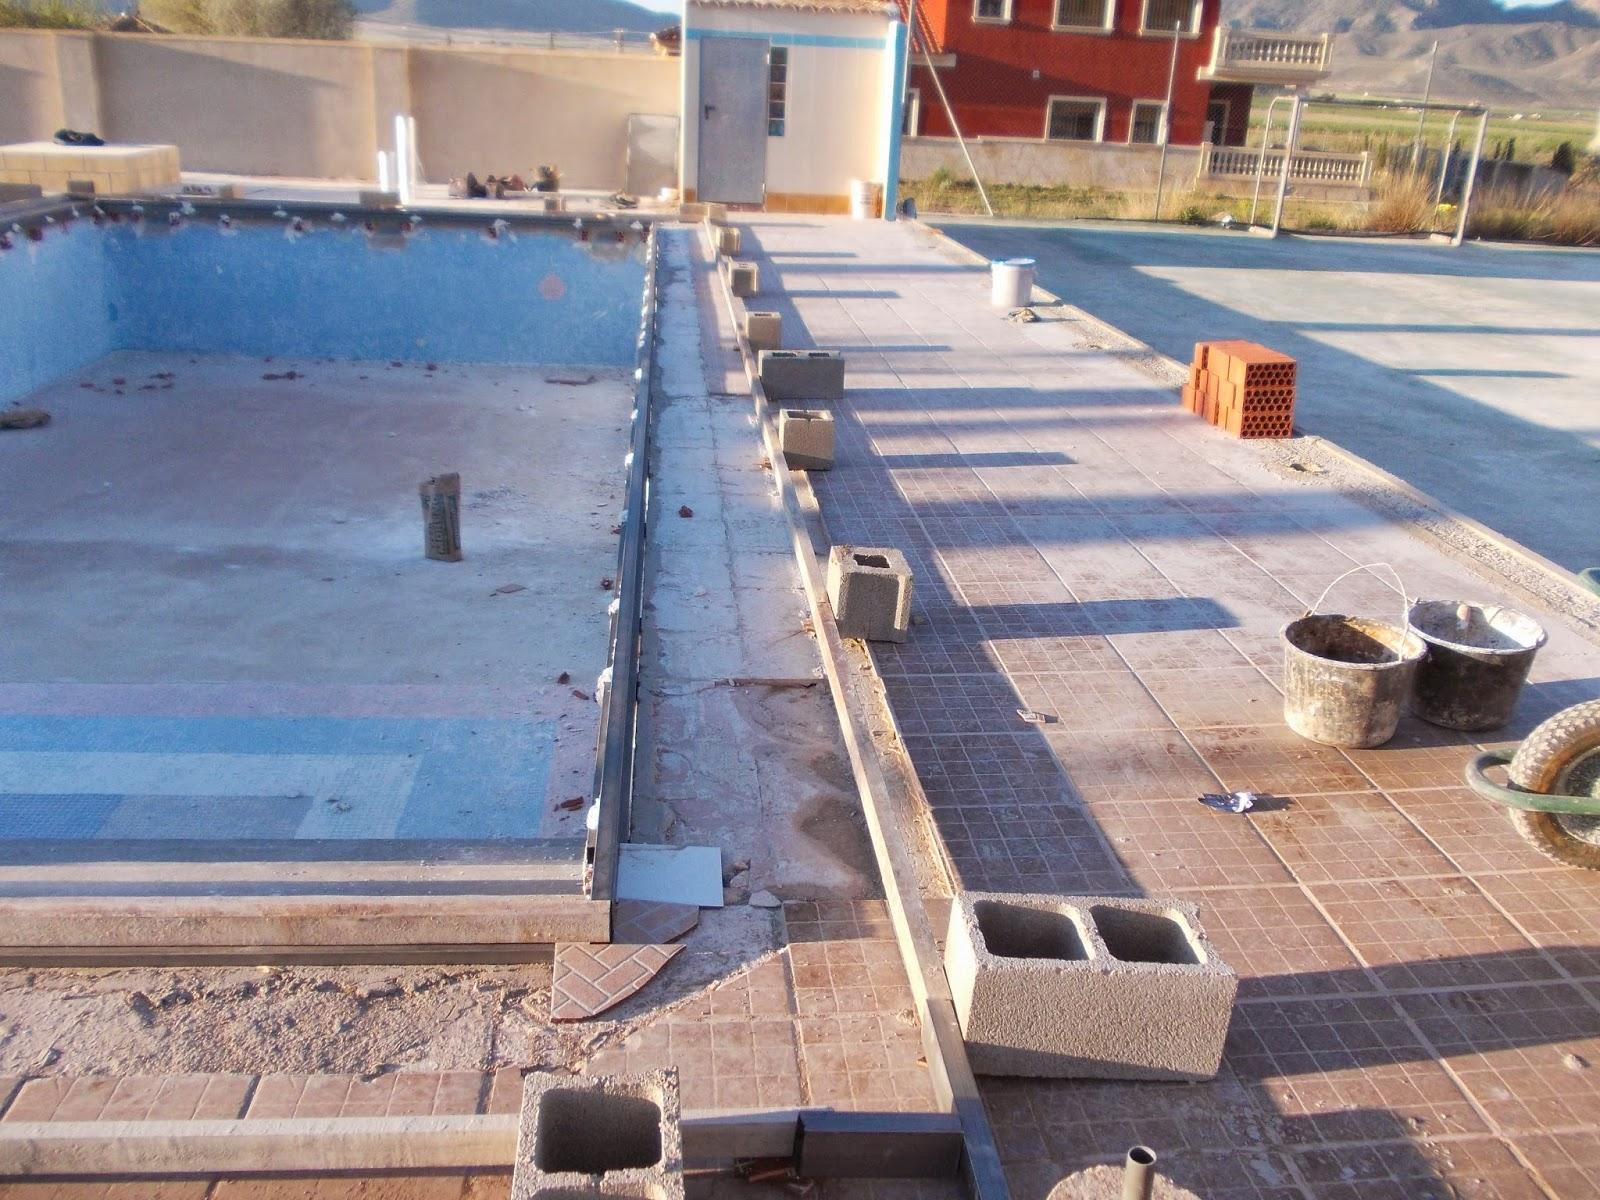 Piedra coronaci n de piscina con hormig n impreso - Piedras para piscinas ...